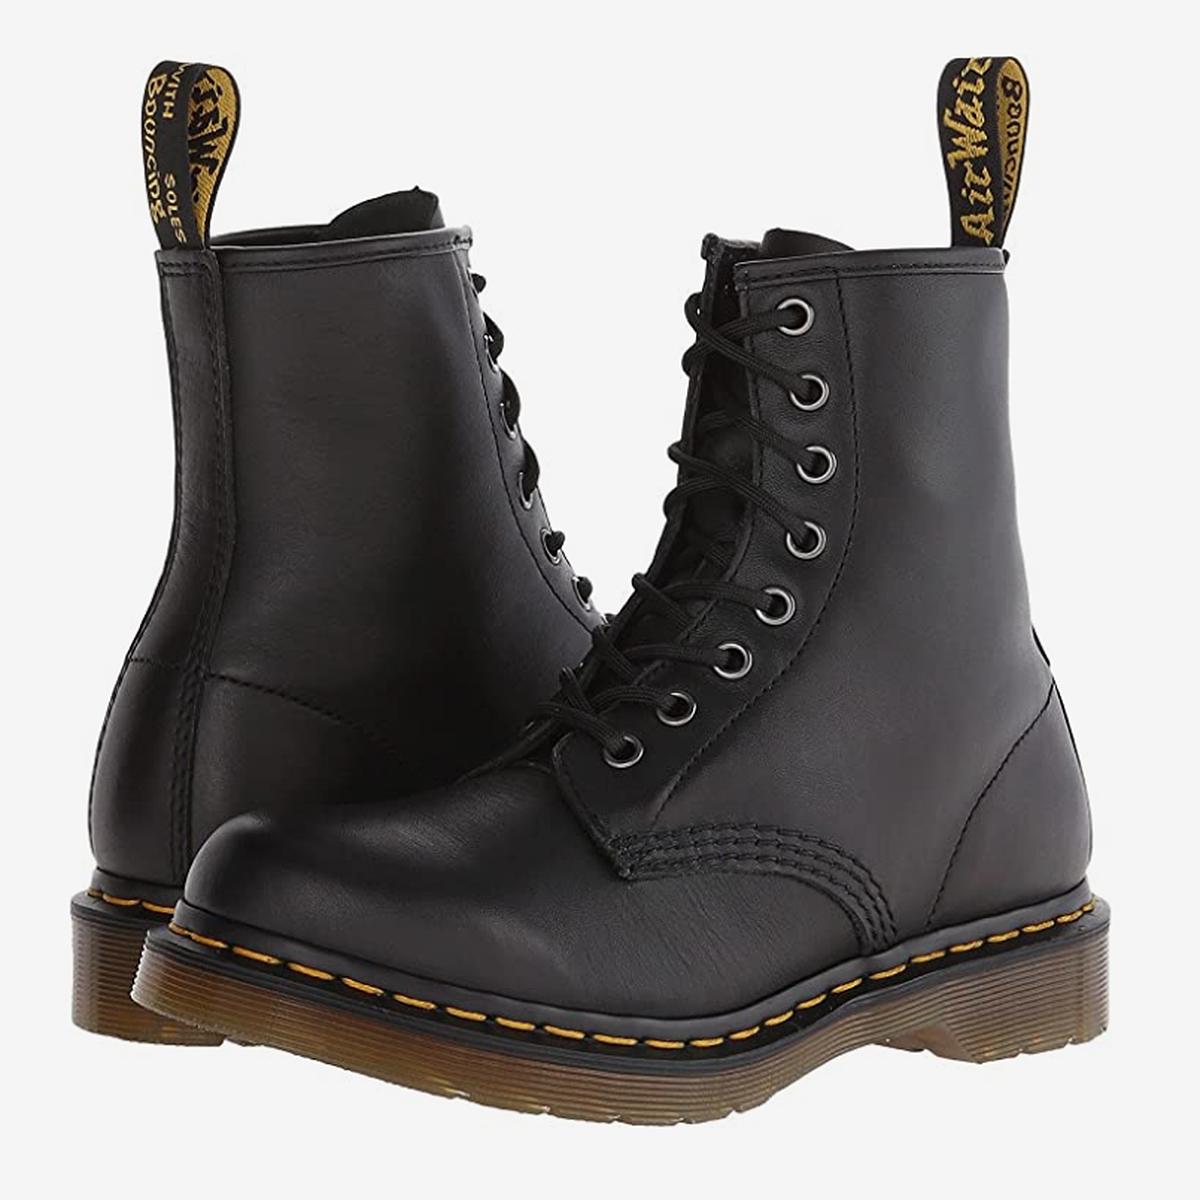 fall-boots-dr-marten-combat